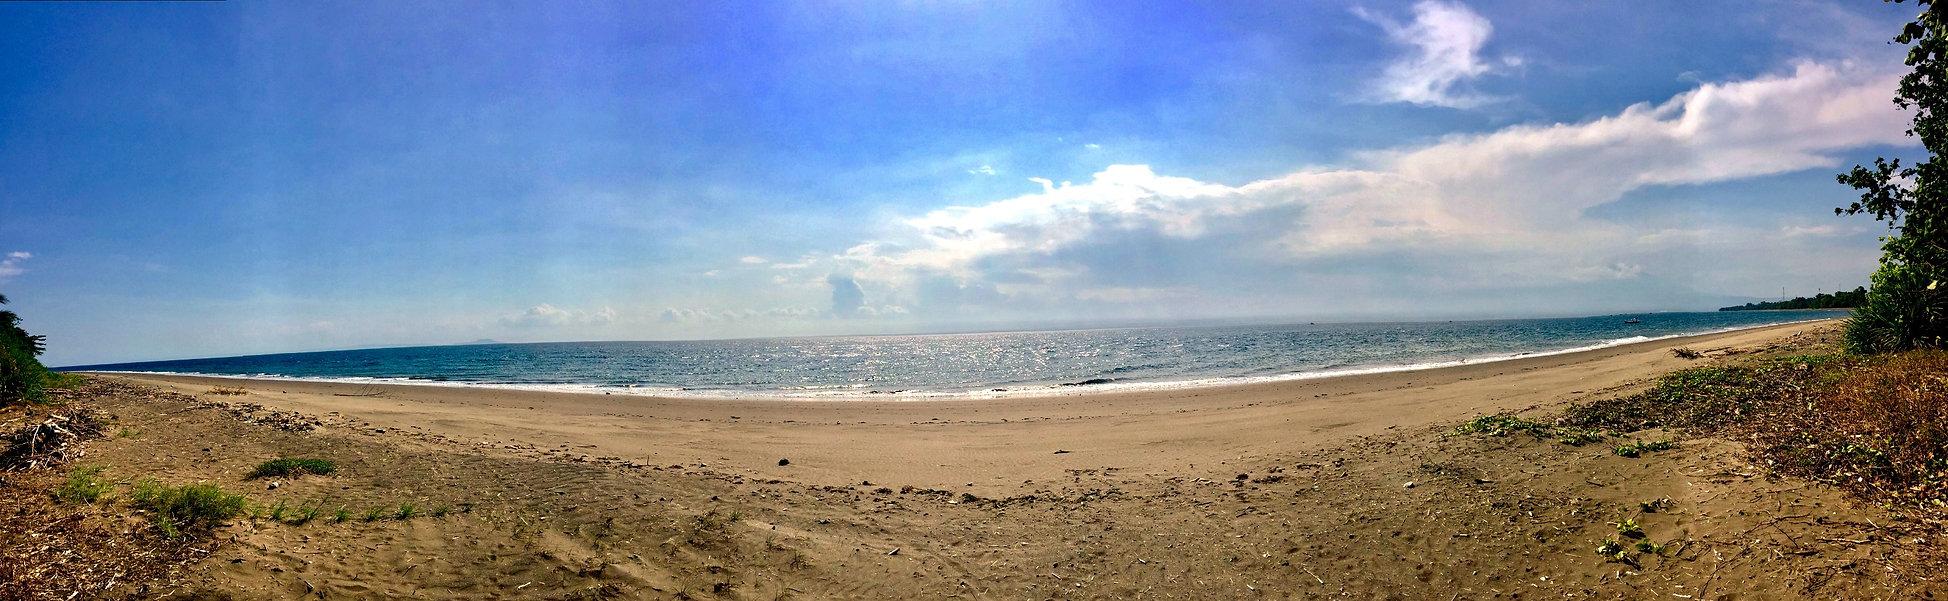 Assa Beach